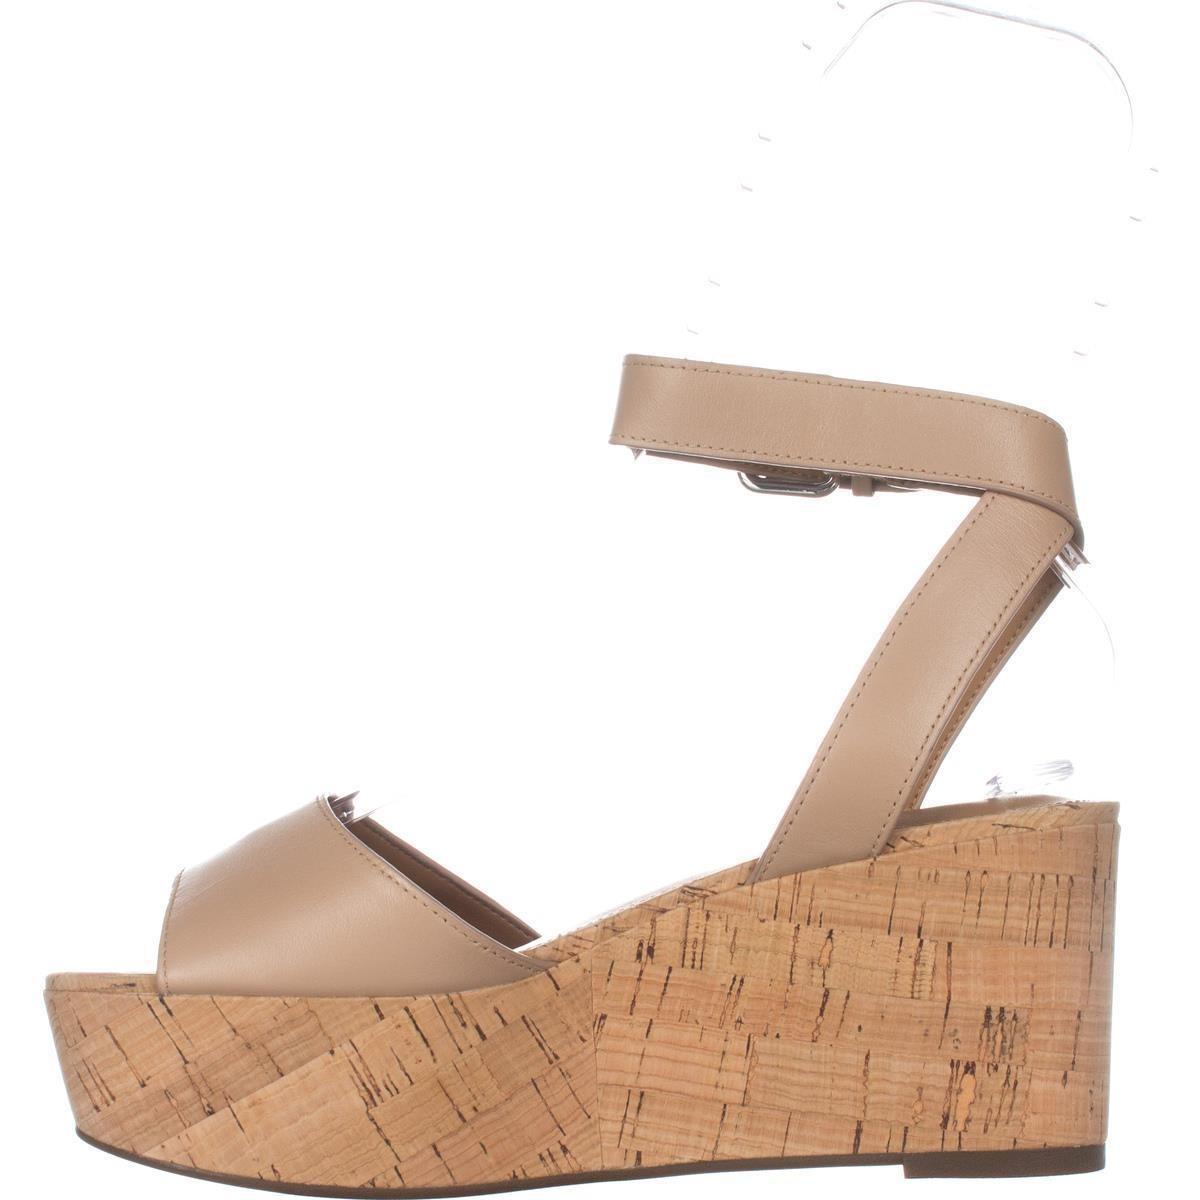 Coach Shoe Sizes B